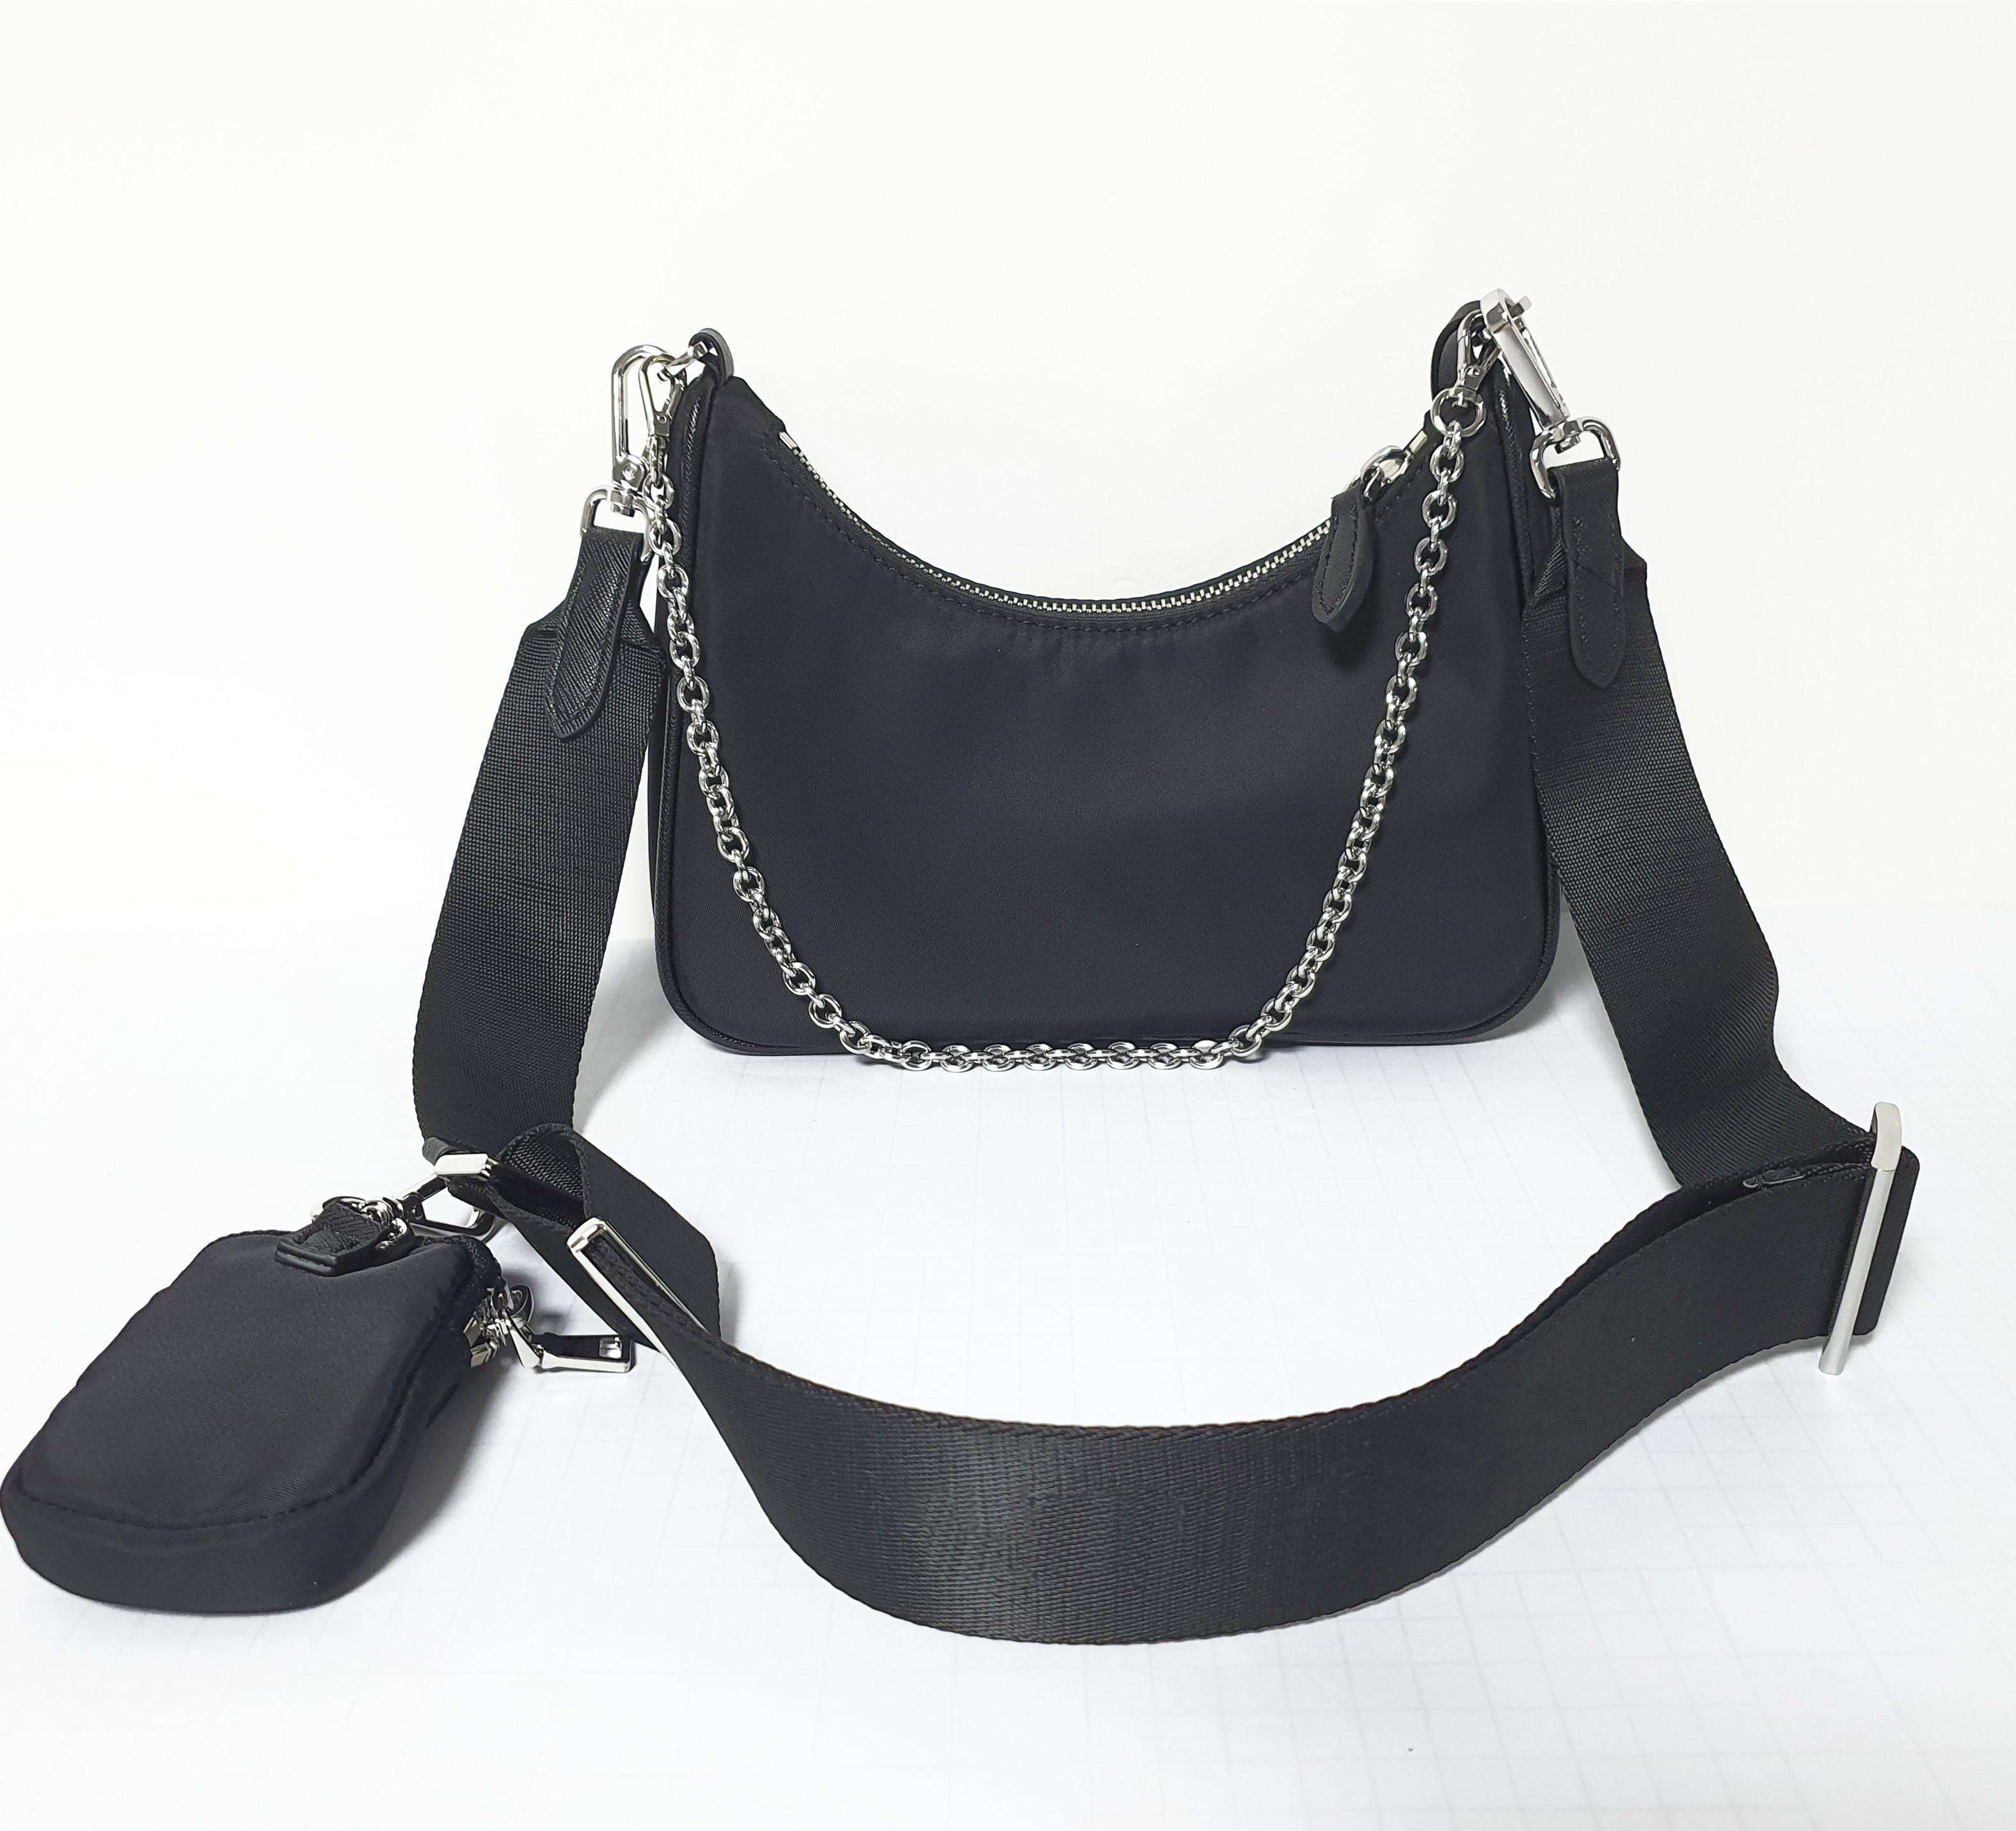 2020 sacchetti di spalla di alta qualità in pelle Tote mens delle donne di colore borse più venduti donne sella duffle portafoglio sacchetti sacchetto di Crossbody Hobo borse